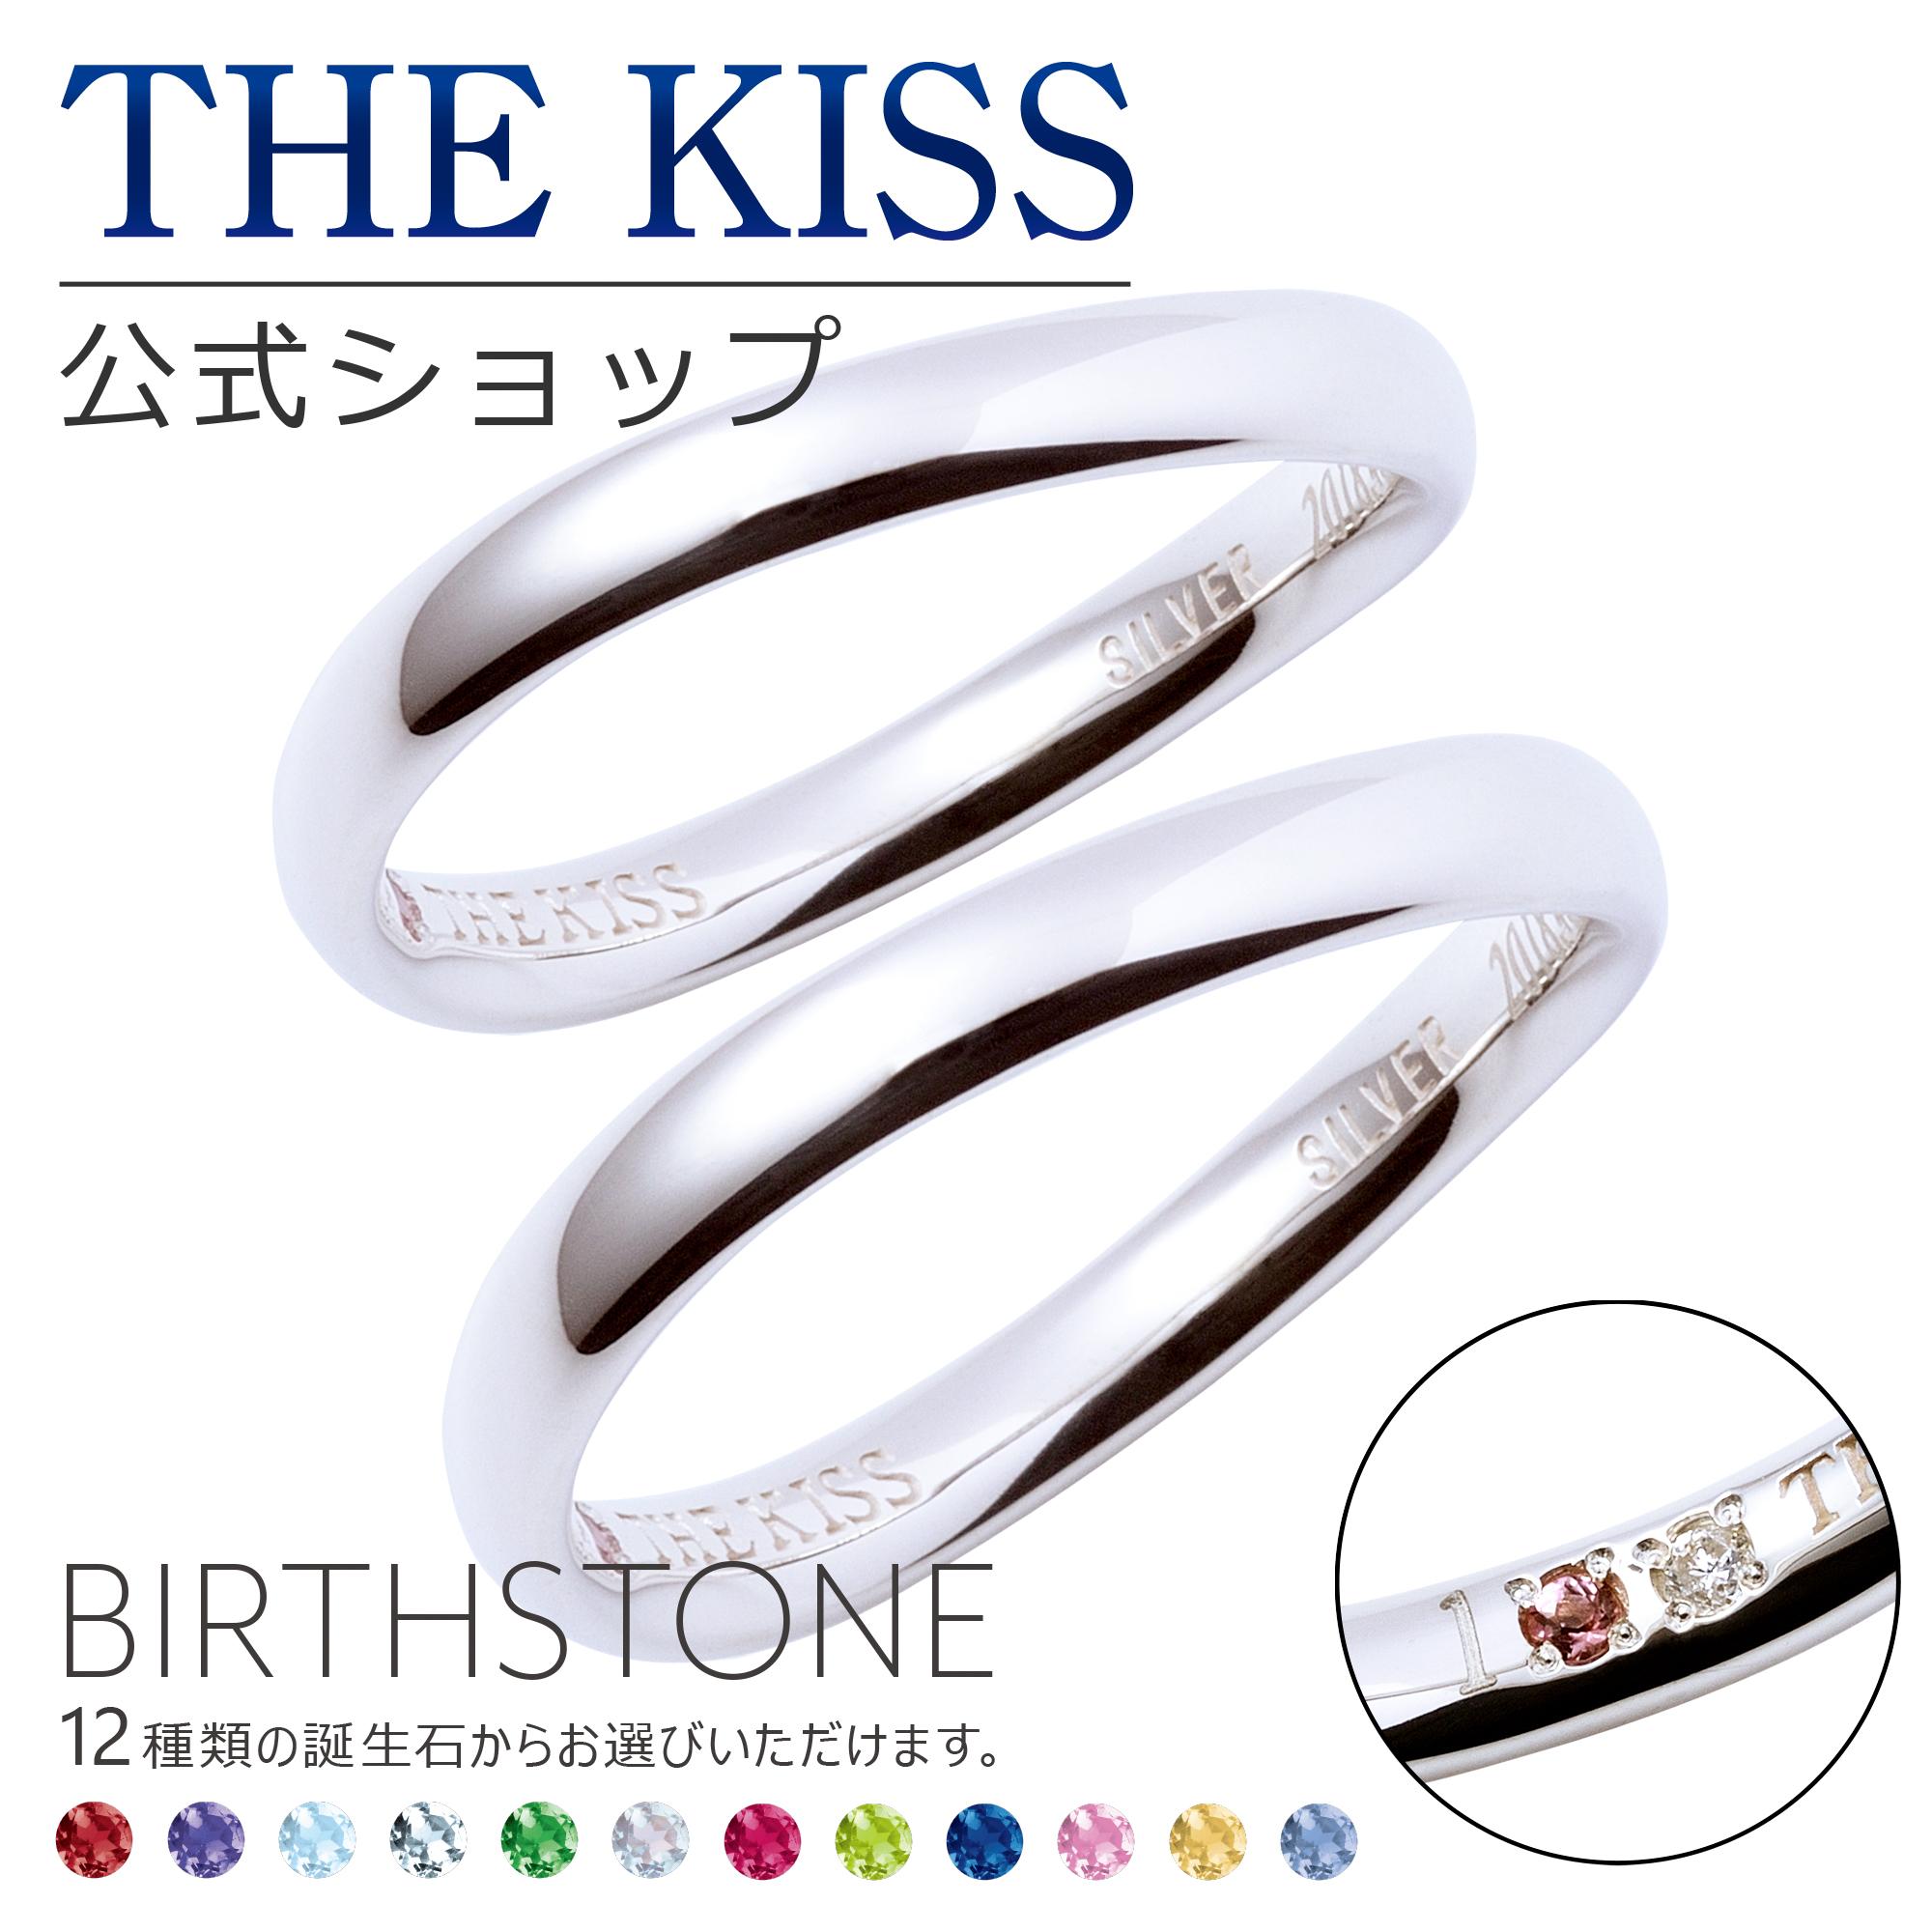 【刻印可_20文字】【代引不可】【THE KISS COUPLE'S】THE KISS 公式サイト セミオーダー シルバー ペアリング セット ペアアクセサリー カップル に 人気 の ジュエリーブランド THEKISS ペア リング・指輪 誕生石 男性 女性 2個ペア ザキス BD-R1500SV-P 【送料無料】